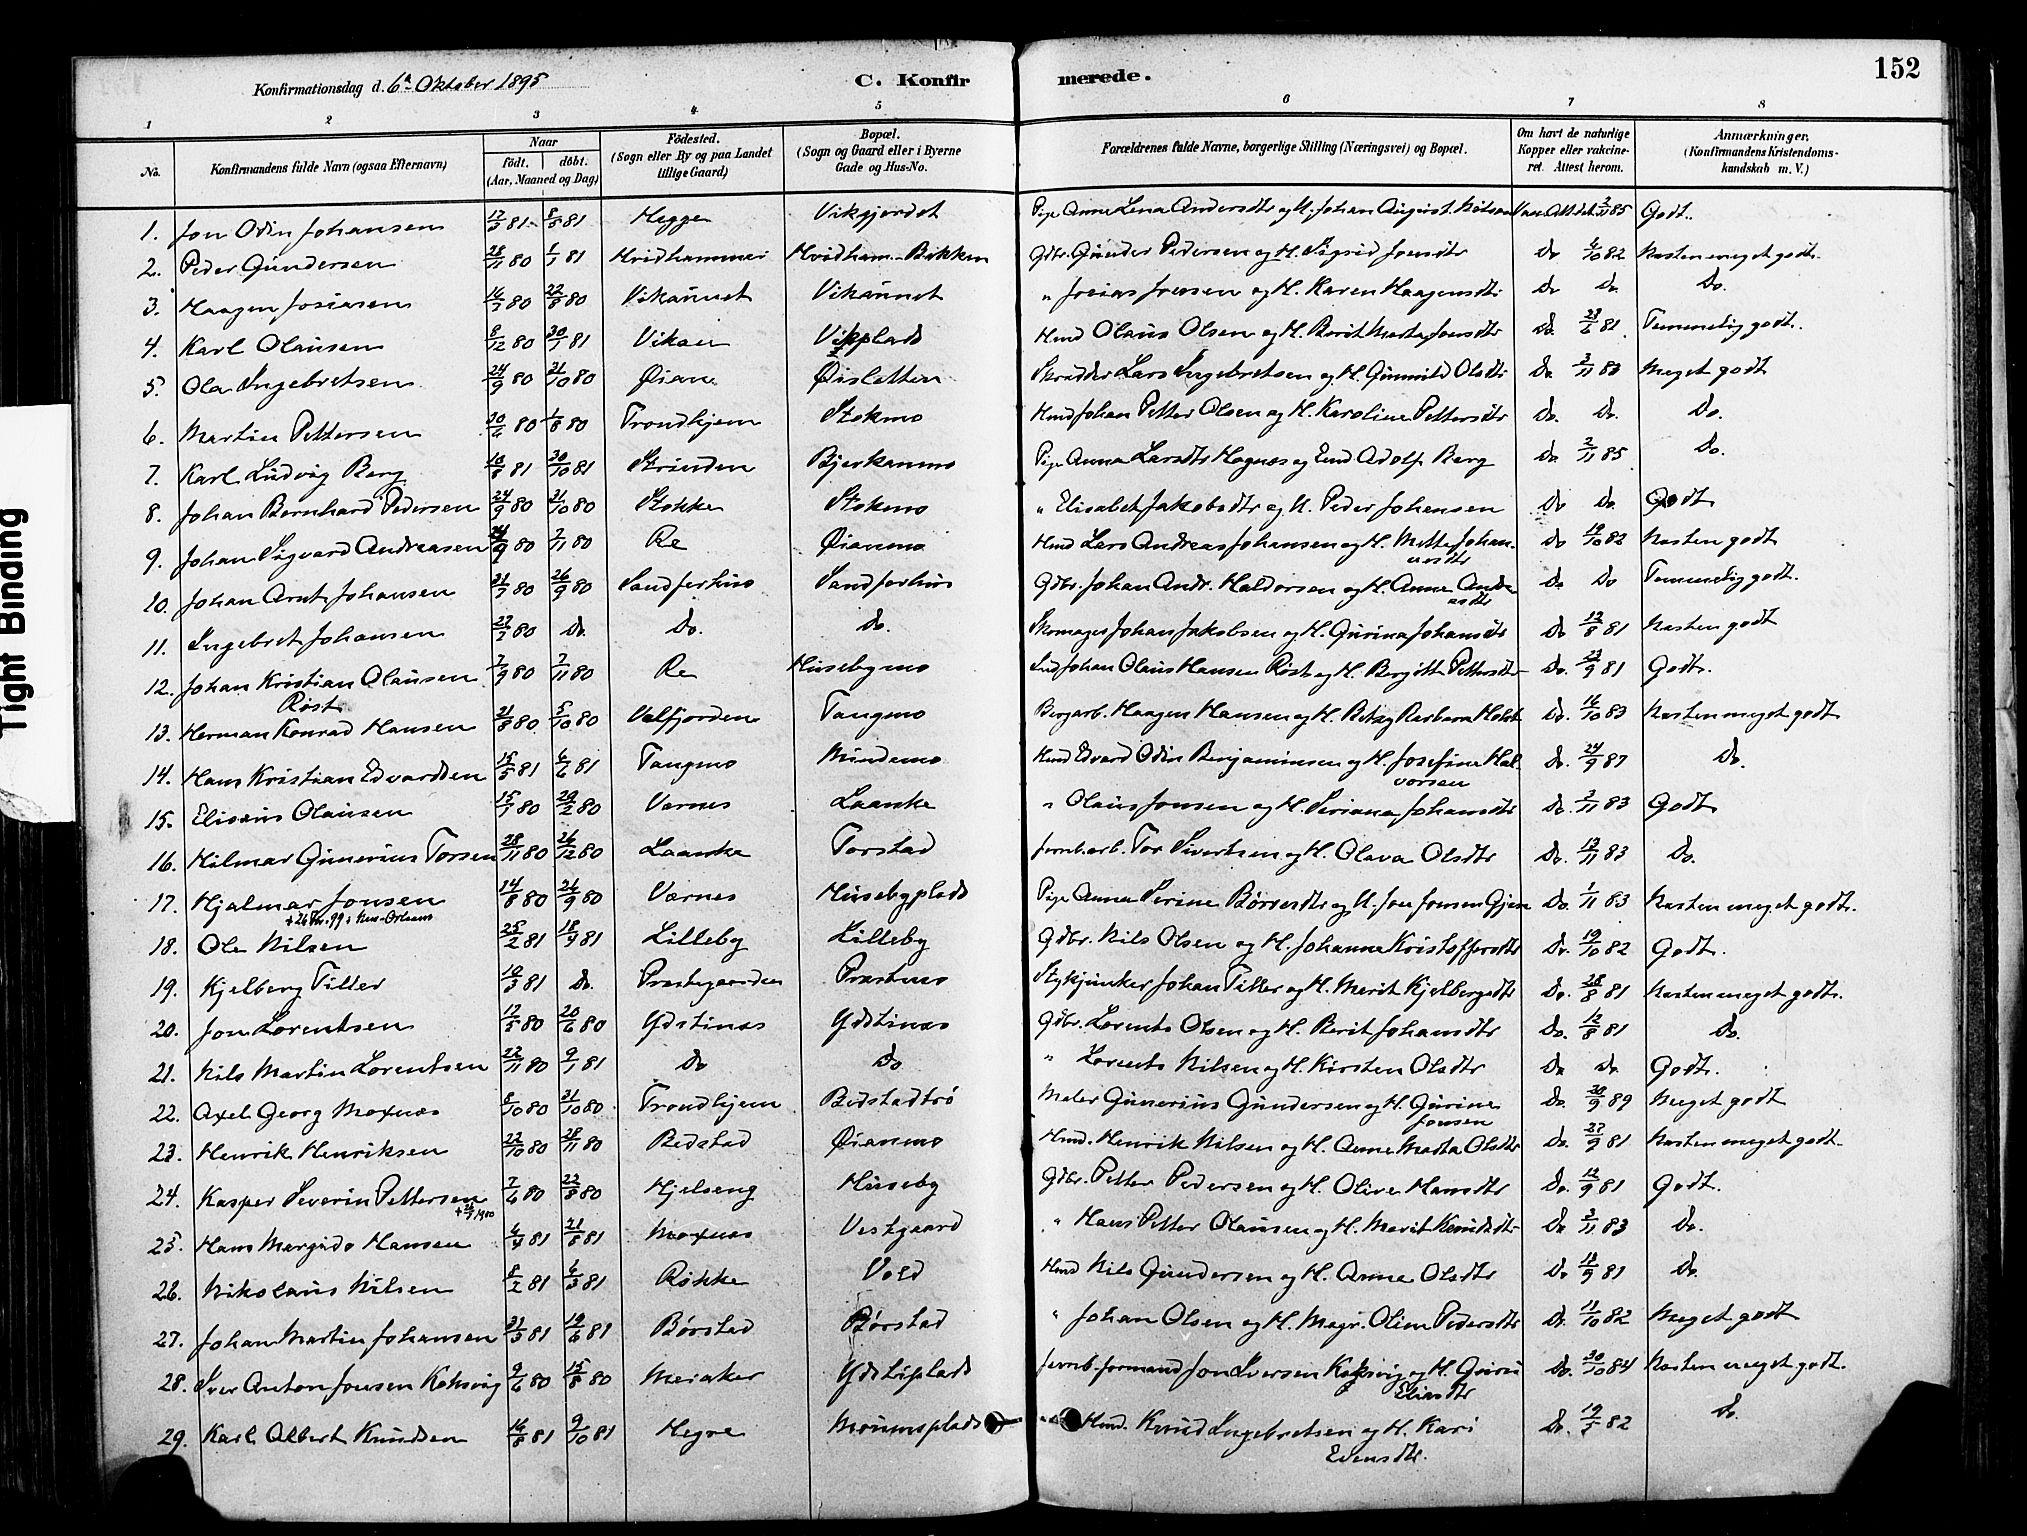 SAT, Ministerialprotokoller, klokkerbøker og fødselsregistre - Nord-Trøndelag, 709/L0077: Ministerialbok nr. 709A17, 1880-1895, s. 152